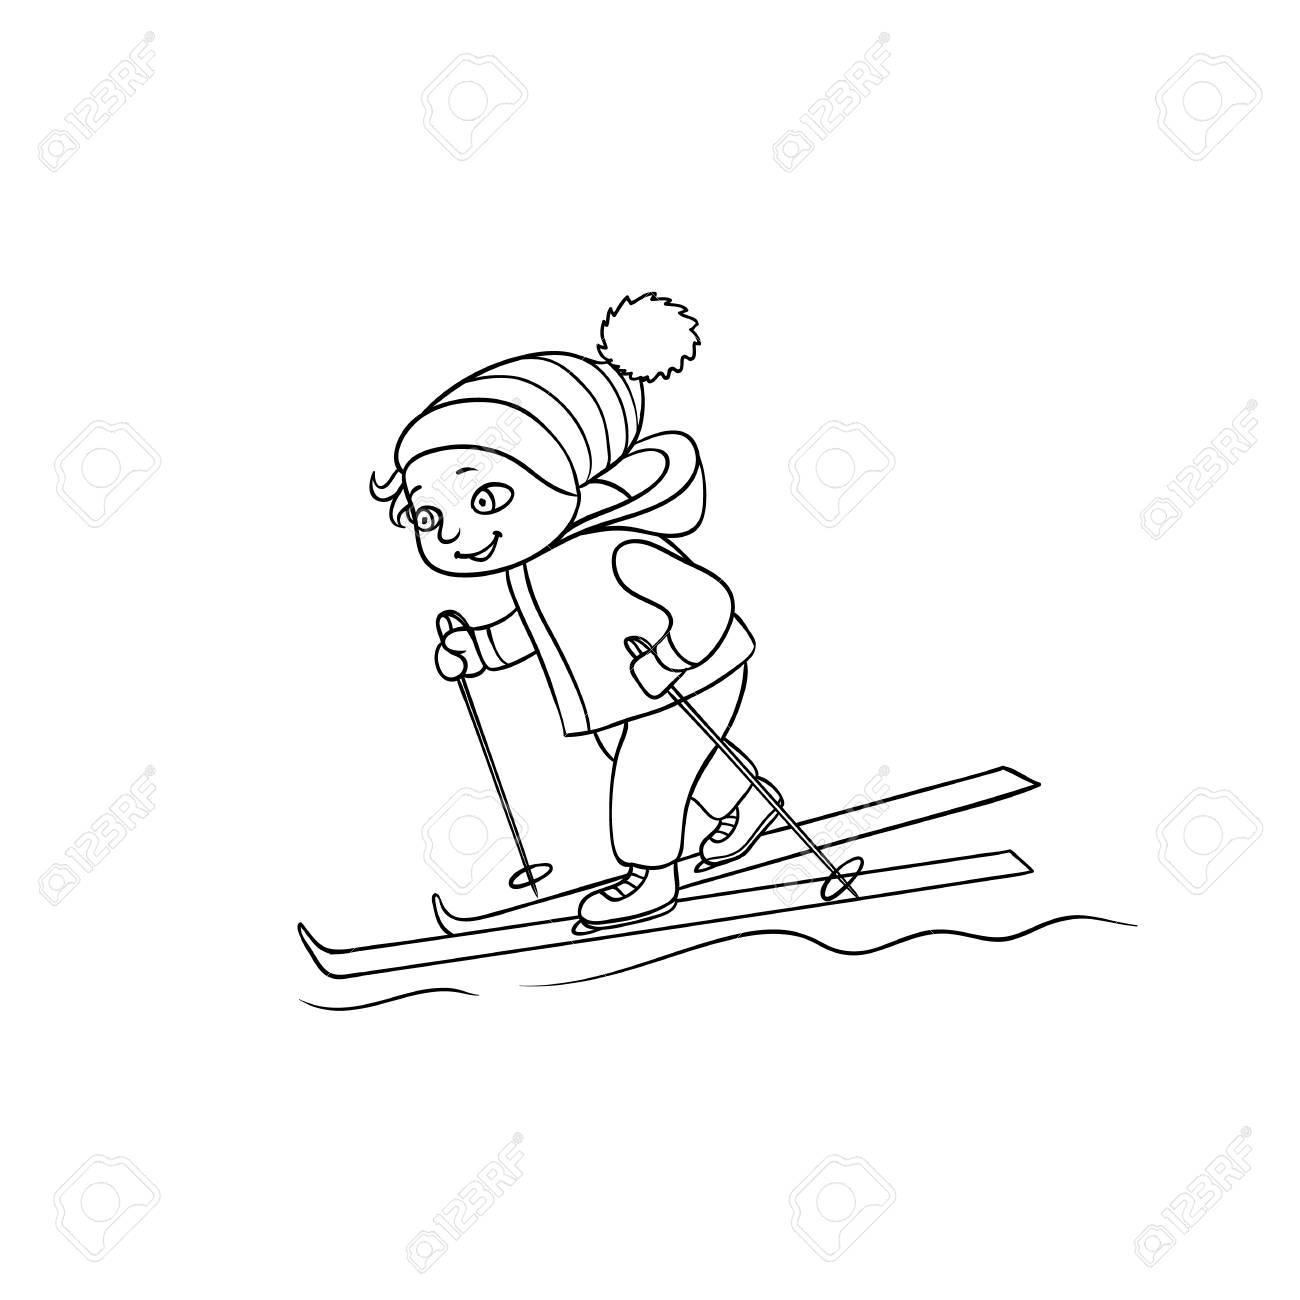 Heureux Petit Garcon Ski Activite De Sport D Hiver Illustration De